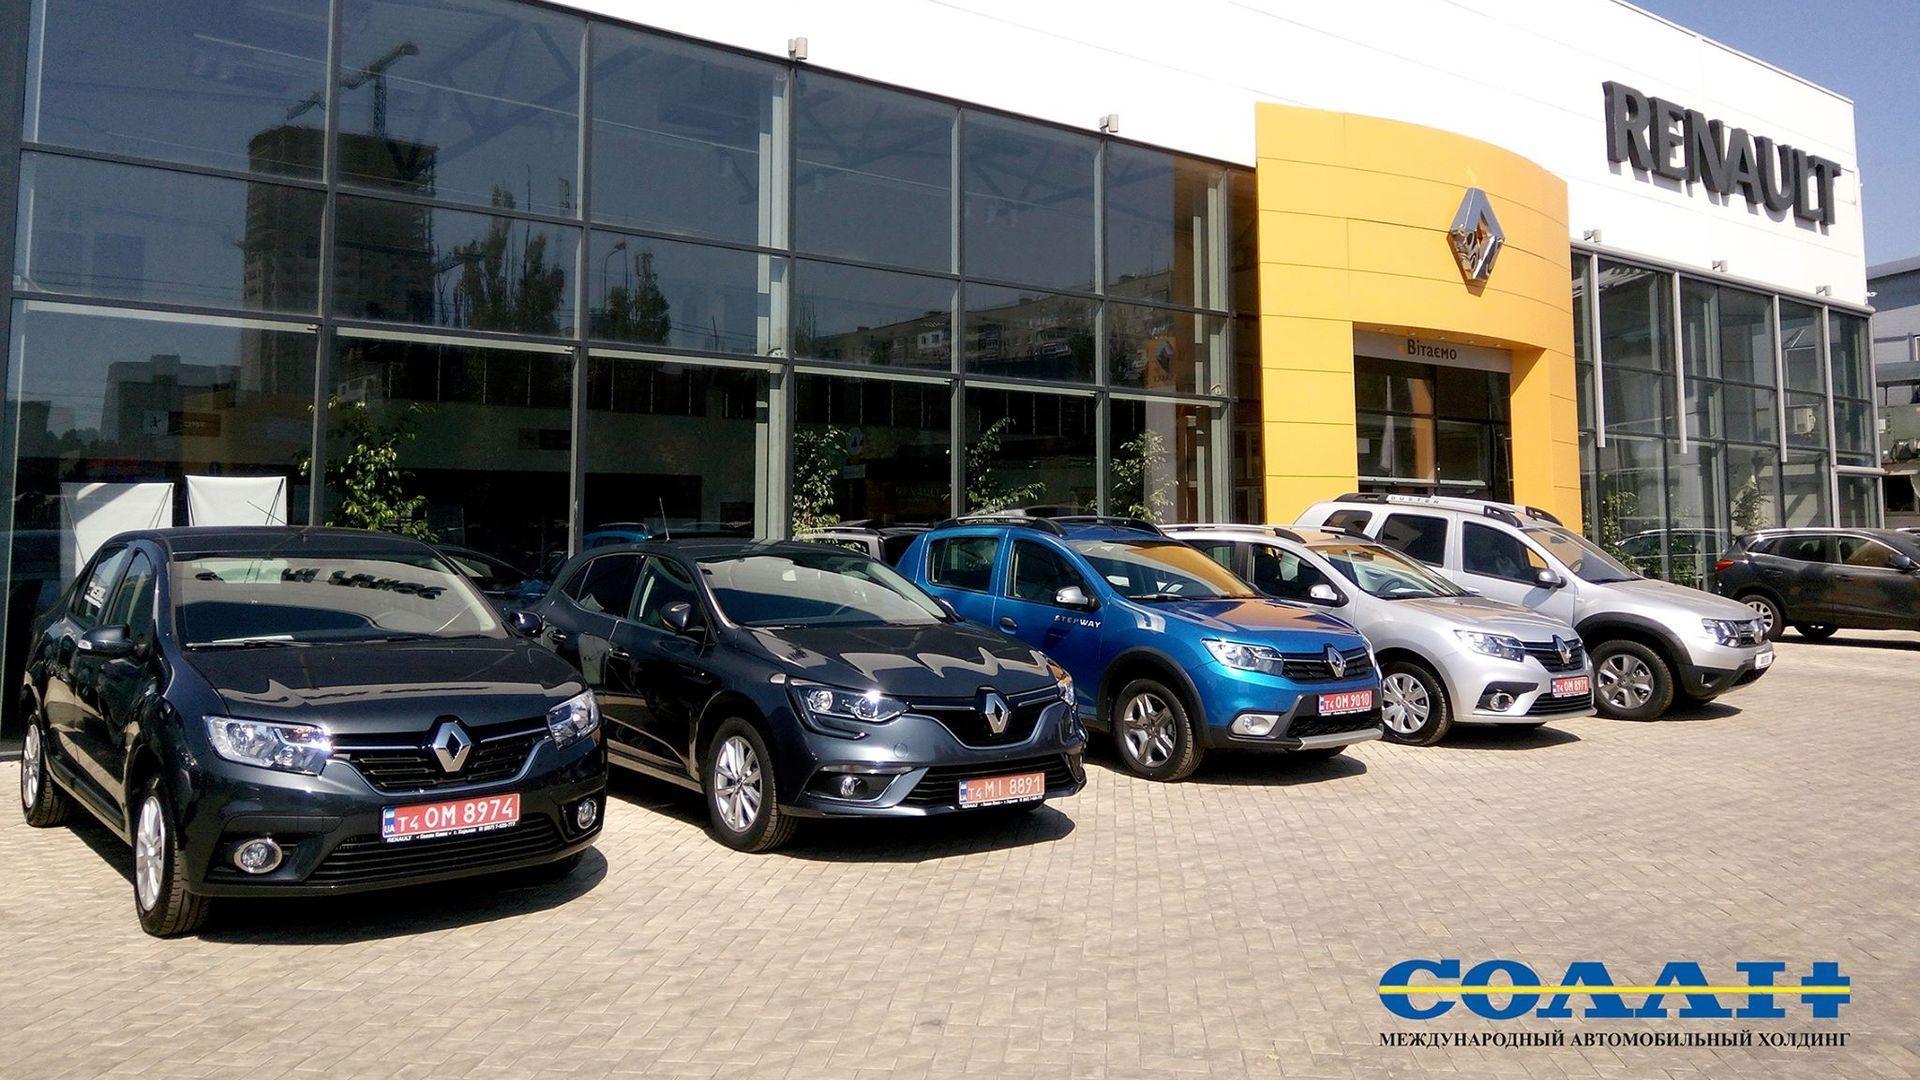 Компанія Renault в Україні обрала кращого дилера